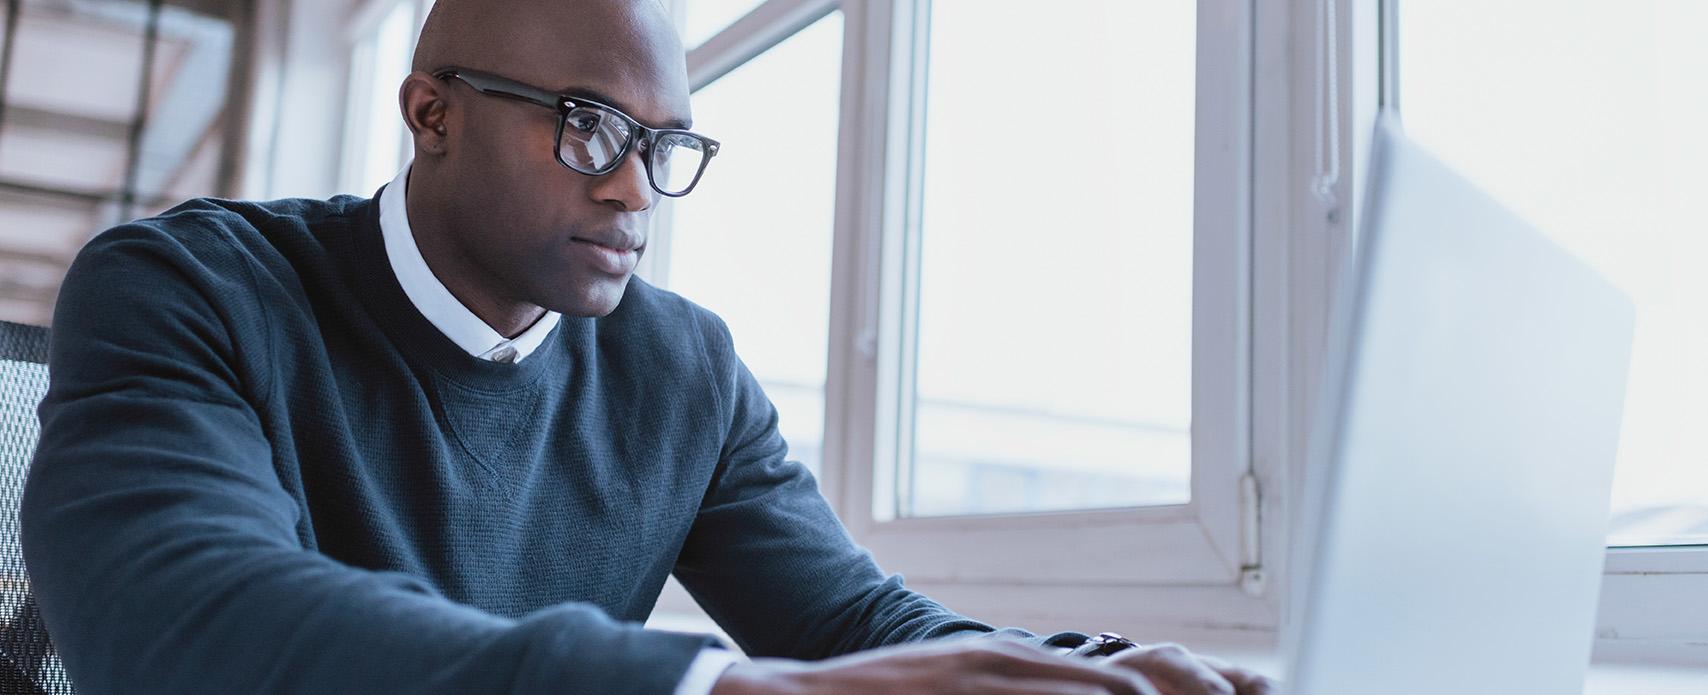 Protéger les données et combattre la fraude | Groupe APICIL